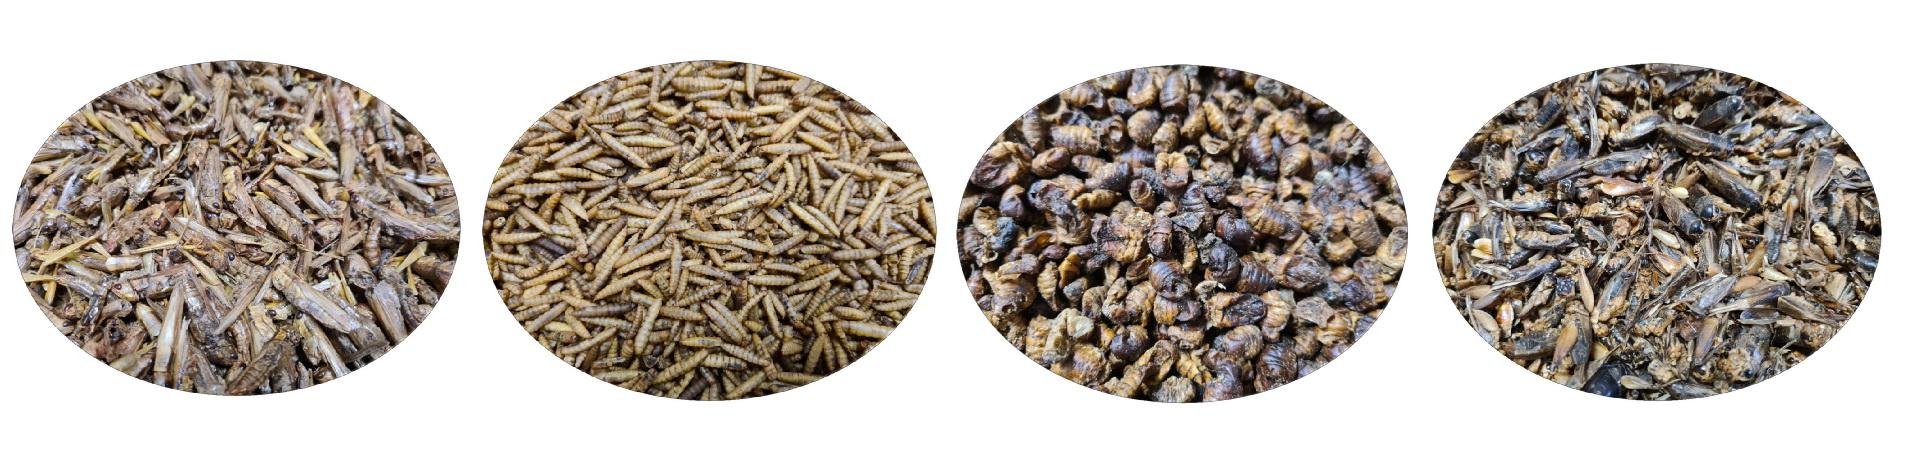 Getrocknete Insekten und Algen